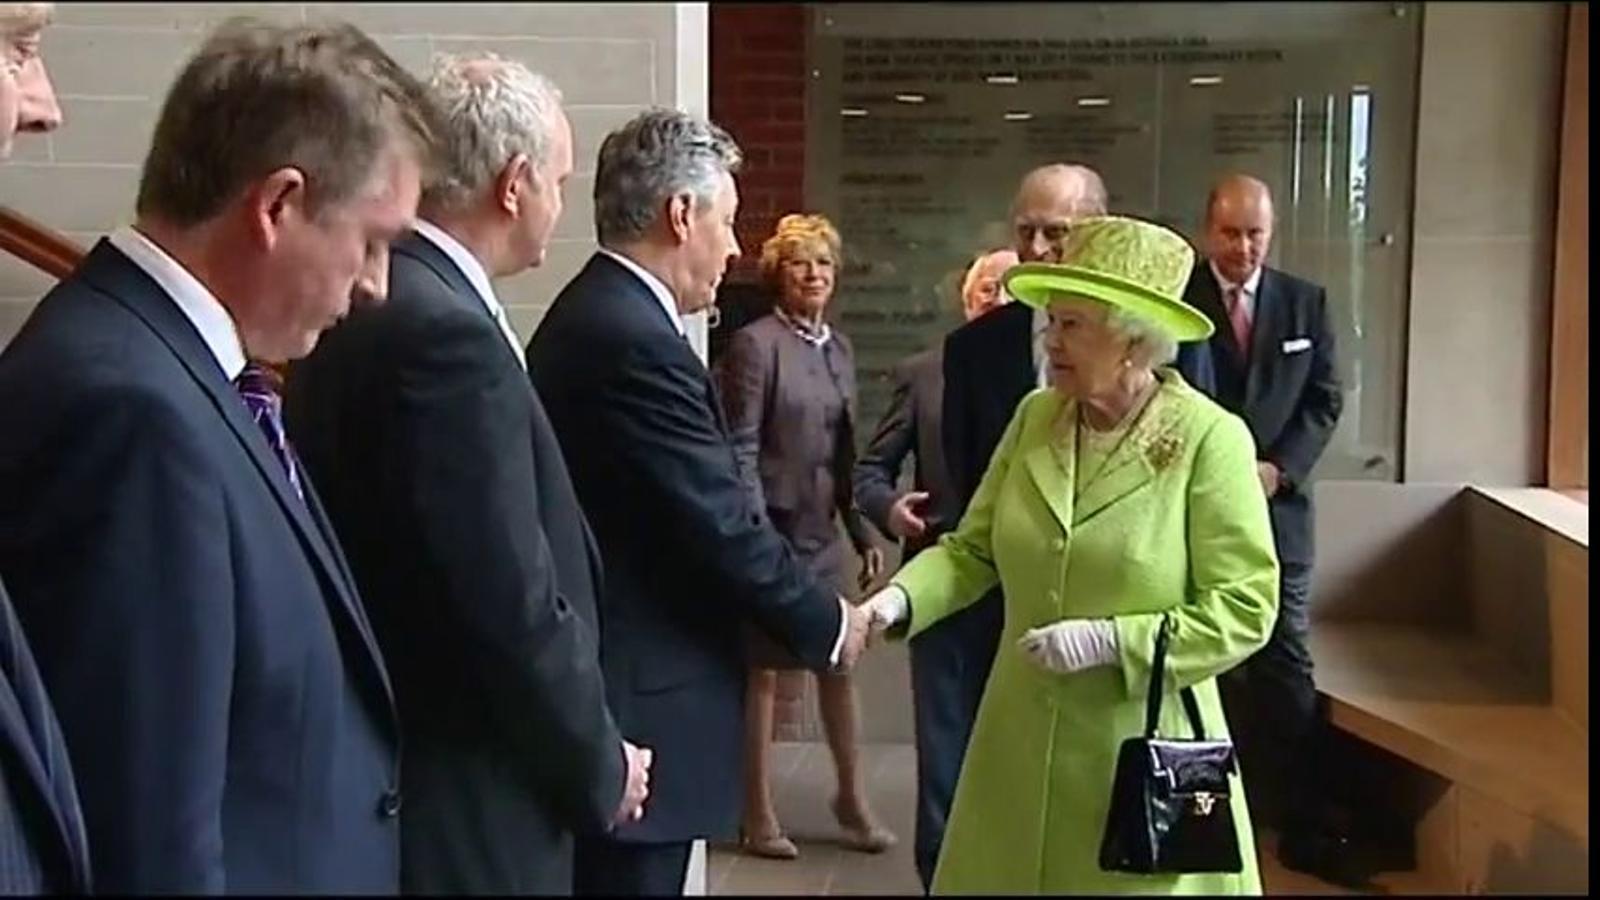 Encaixada històrica de la reina Elisabeth II i l'excap militar de l'IRA